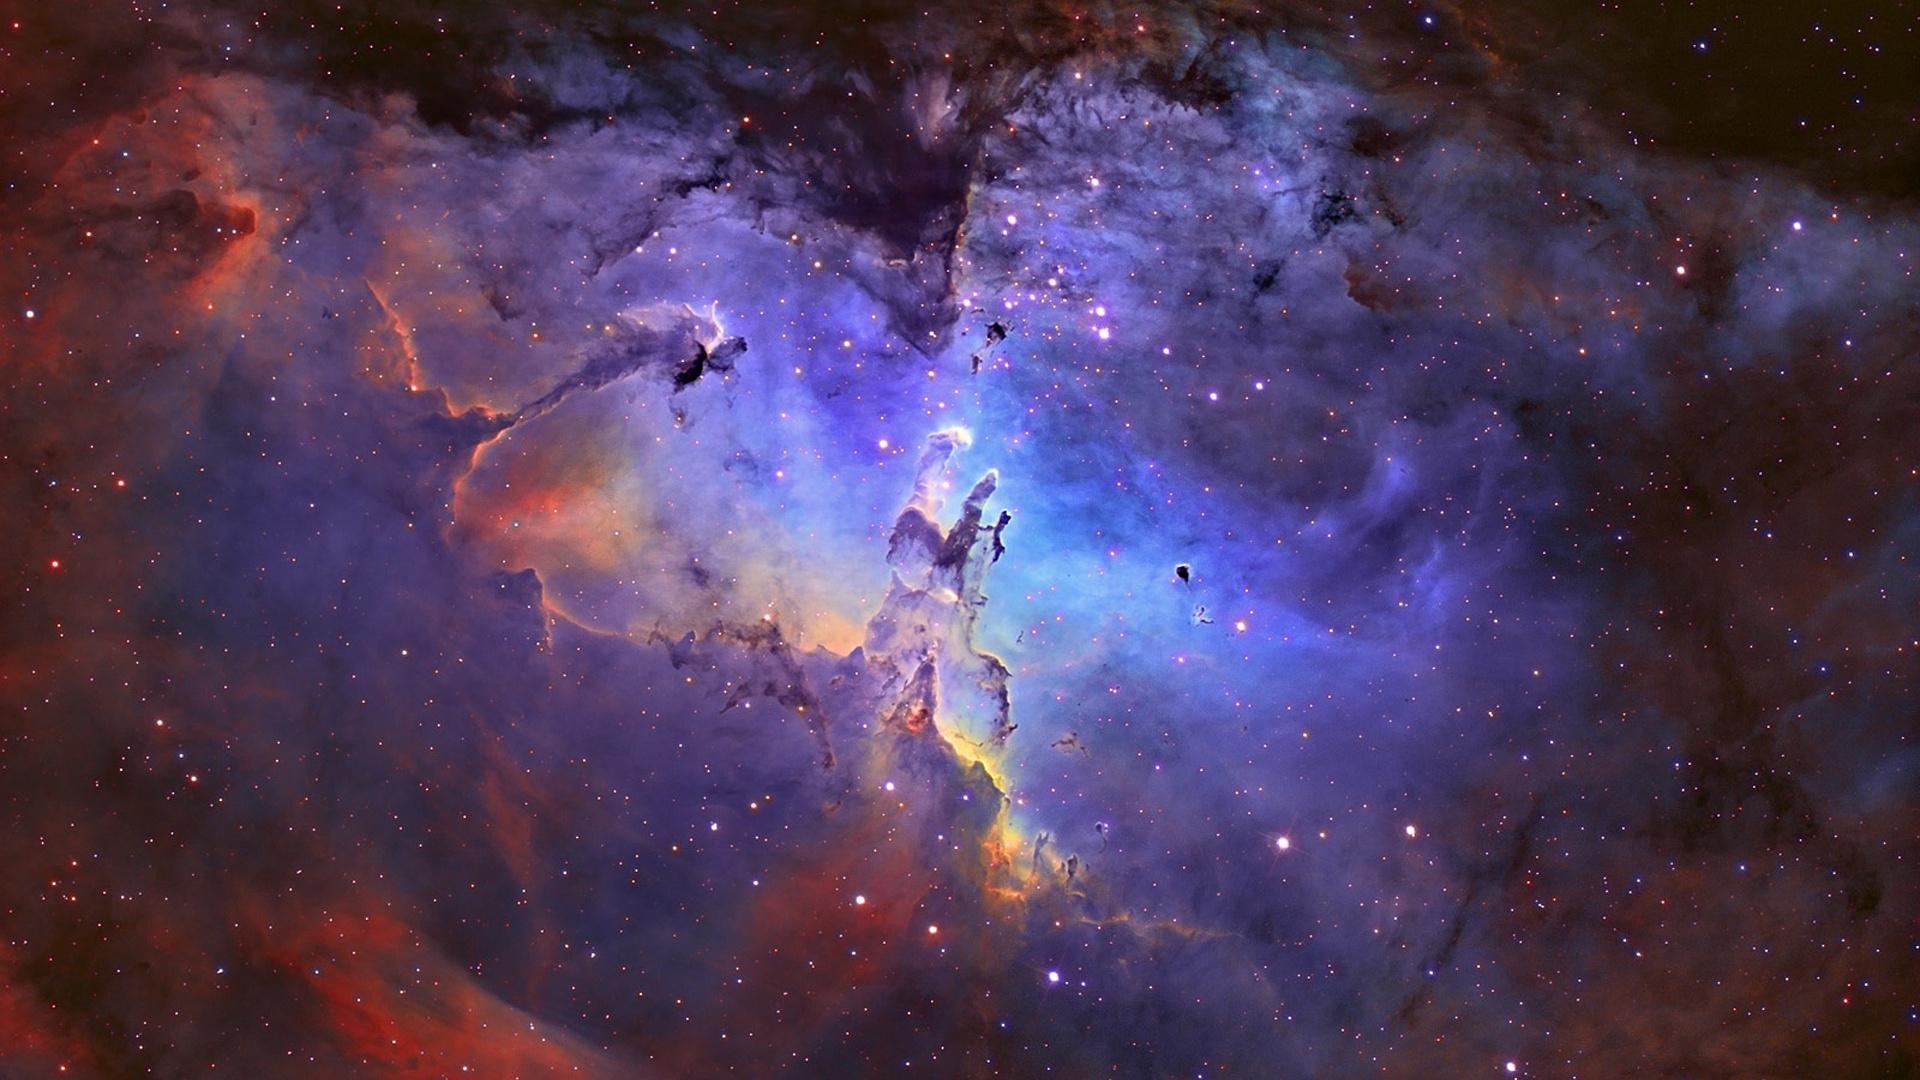 nebula hd wallpaper | background image | 1920x1080 | id:259385